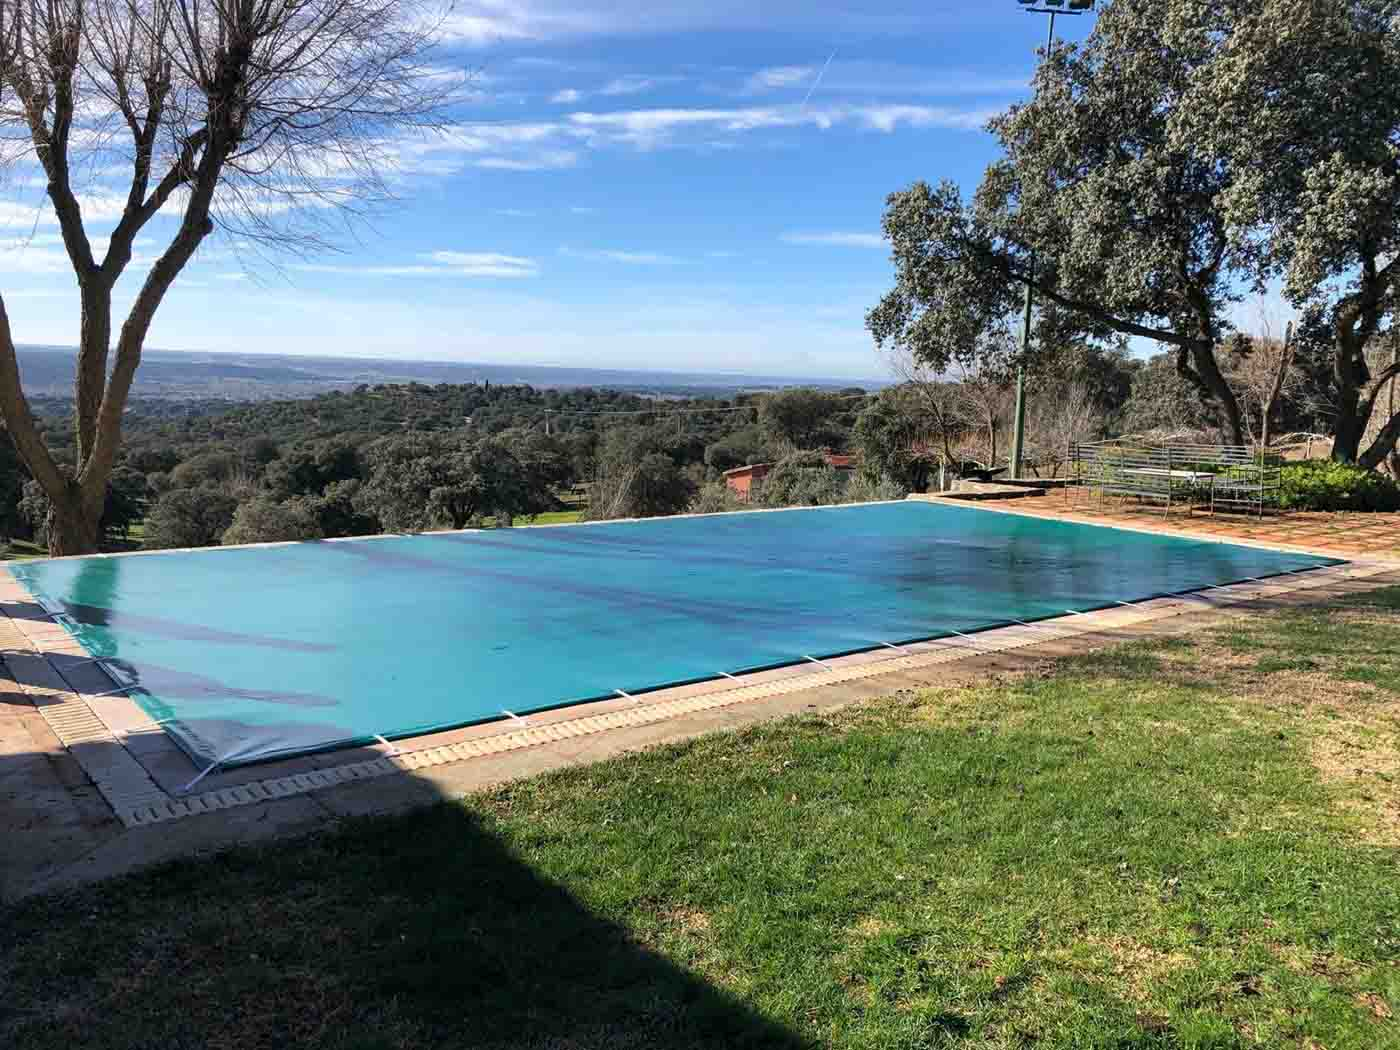 cobertor piscina invierno